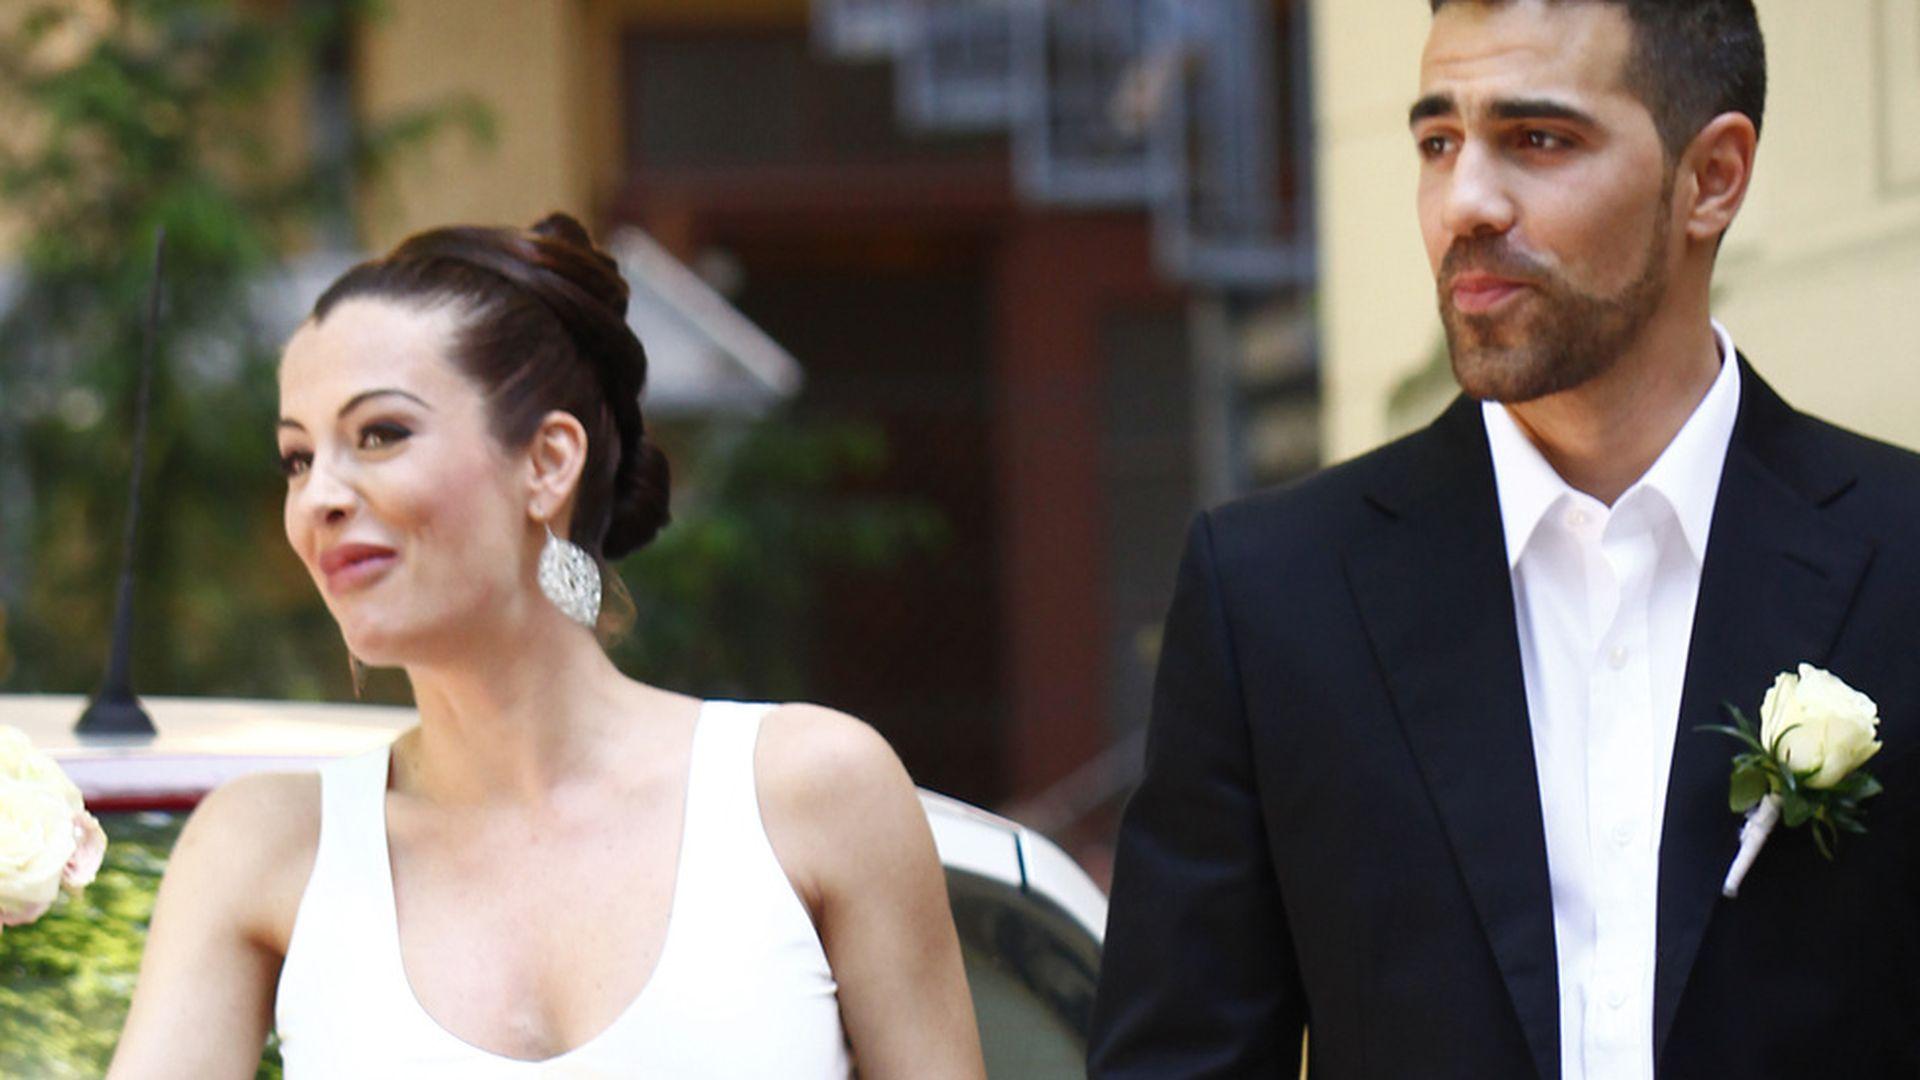 Bushido Hochzeit Warum War Sarah Connor Nicht Da Promiflash De